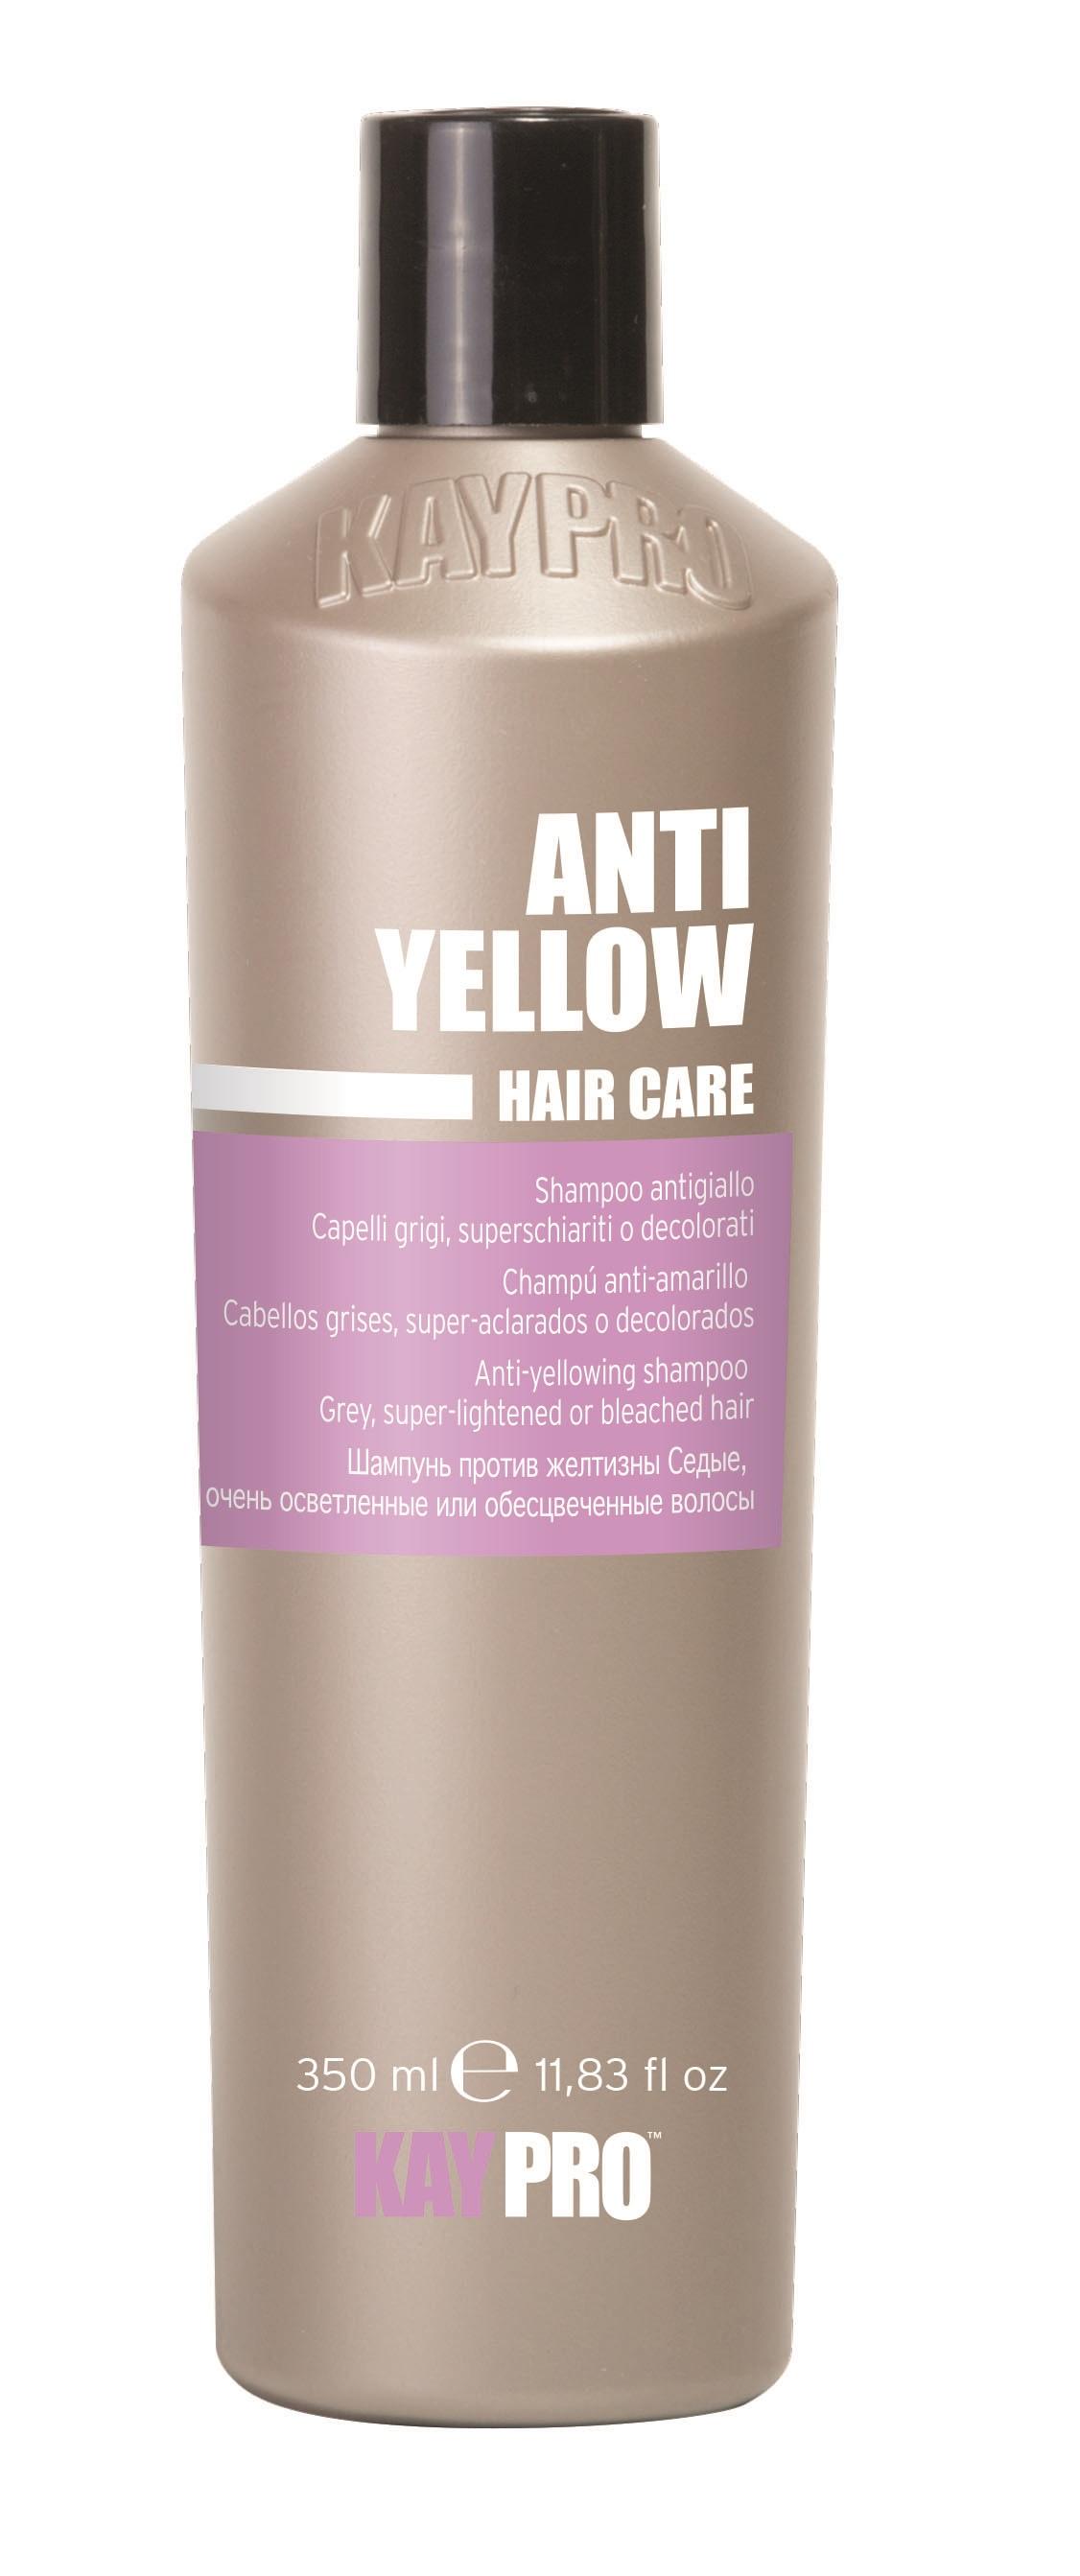 KAYPRO Шампунь оттеночный против желтизны / KAYPRO 350млШампуни<br>ШАМПУНЬ ПРОТИВ ЖЕЛТИЗНЫ ДЛЯ ОСВЕТЛЕННЫХ И СЕДЫХ ВОЛОС. Фиолетовый пигмент притупляет желтые рефлексы, нежелательные на осветленных волосах. Придает блеск седым волосам. Активные ингредиенты: содержит экстракт вина и протеины шелка. Способ применения: нанести на мокрые волосы, помассировать, оставить действовать на 1-5 минут, эмульсировать и смыть водой. Повторить процедуру в случае необходимости<br><br>Цвет: Блонд<br>Объем: 350 мл<br>Вид средства для волос: Оттеночный<br>Типы волос: Седые